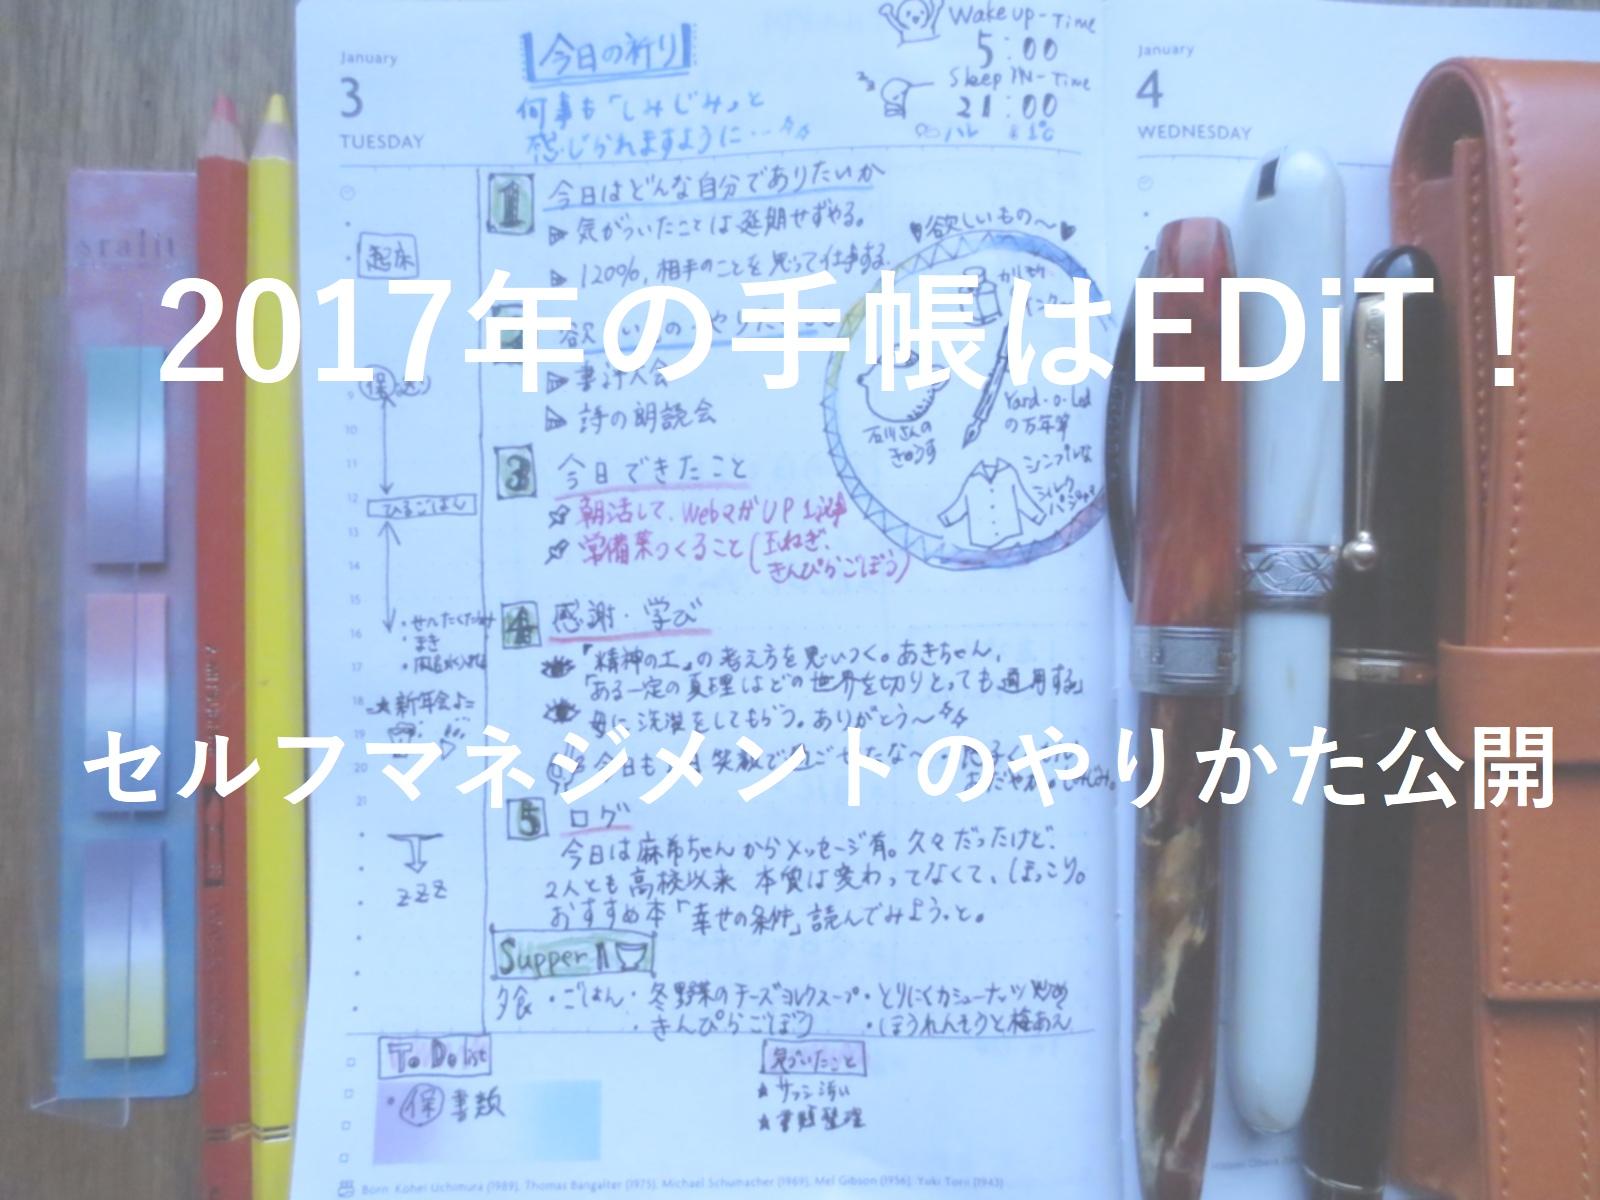 【店長のおすすめ】2017年手帳をEDiTに。セルフマネジメントを手帳で管理しよう